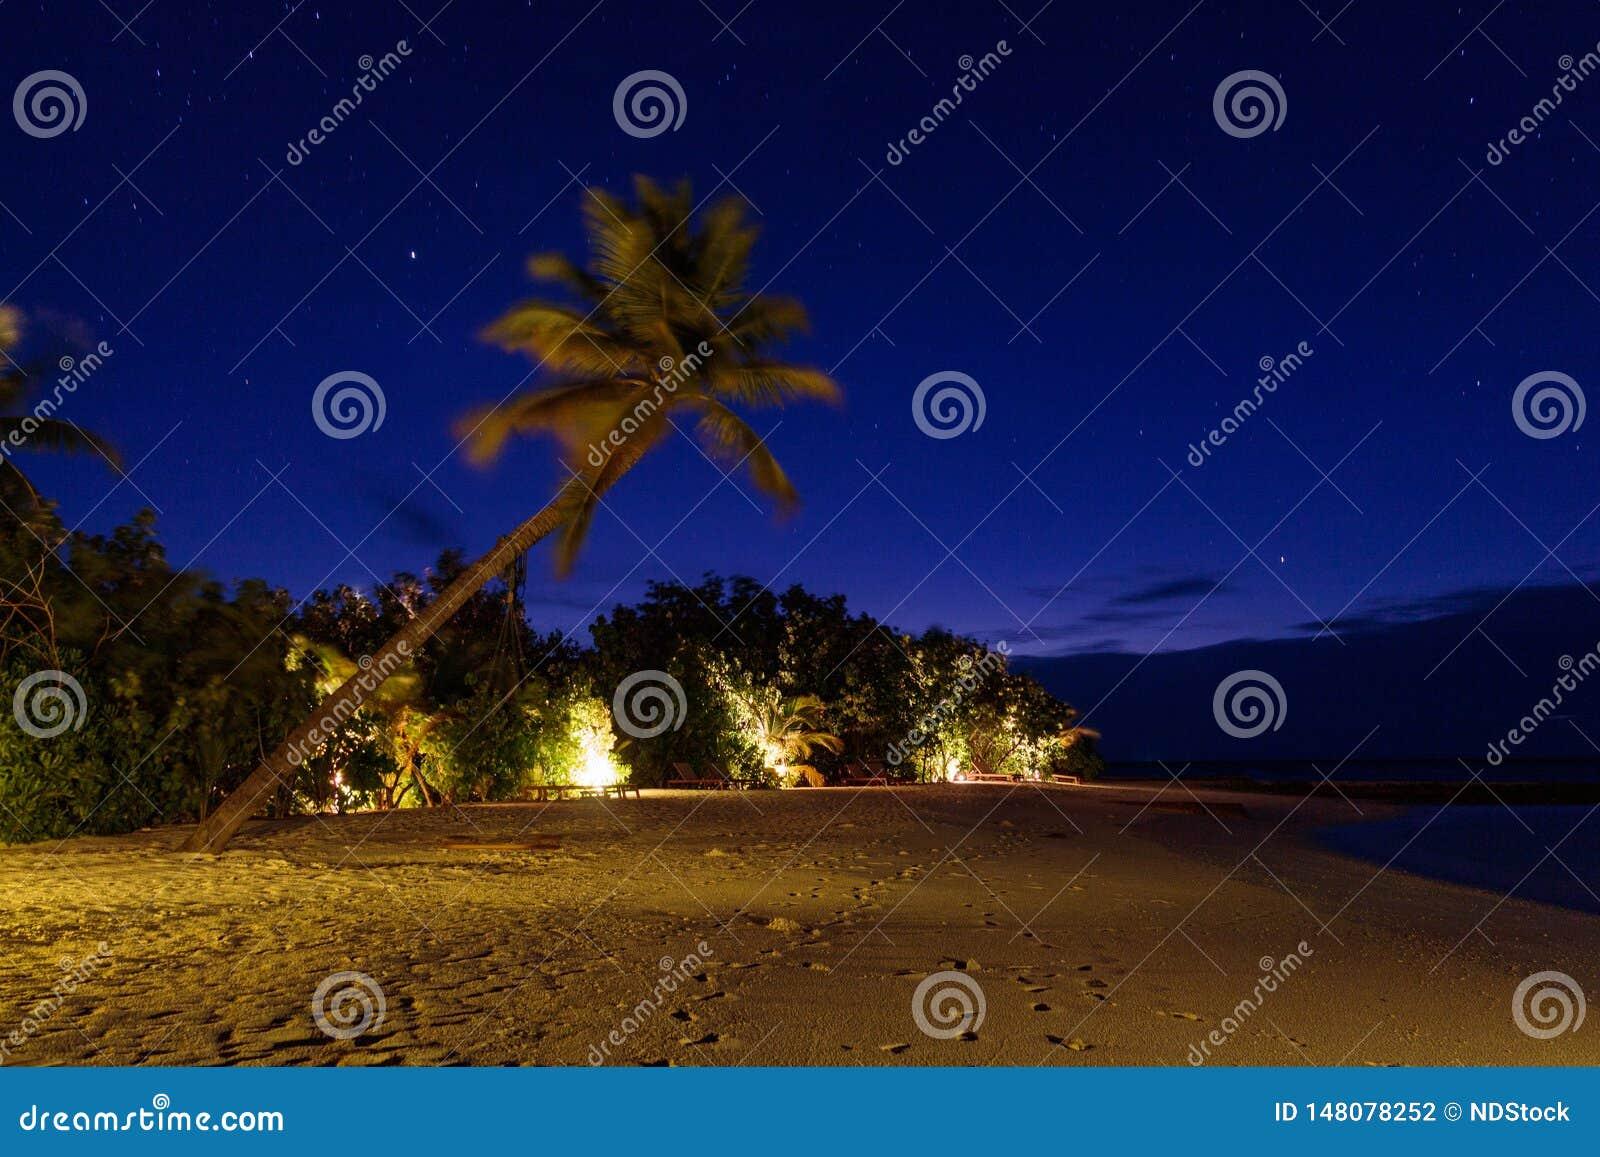 Langes Belichtungsbild einer Palme und ein Schwingen während der Nacht